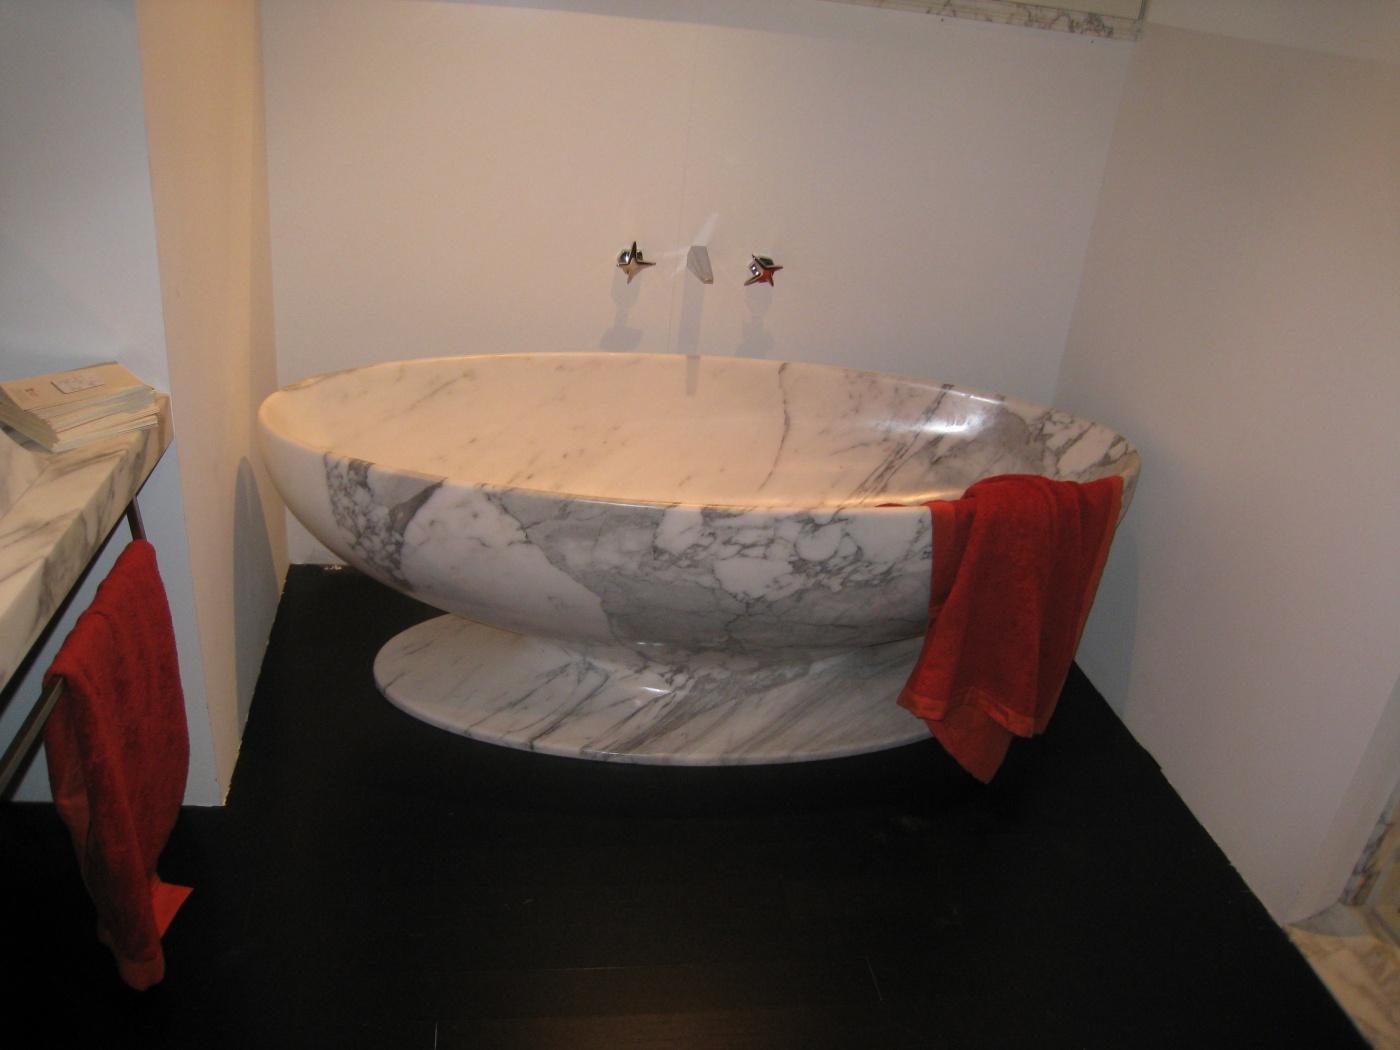 fabrication d une baignoire d exception dans un bloc de marbre blanc